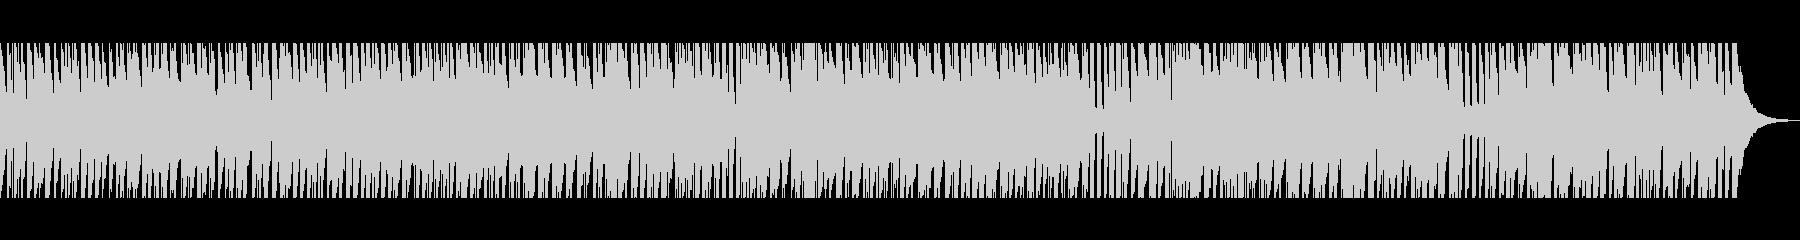 陽気なウクレレの未再生の波形